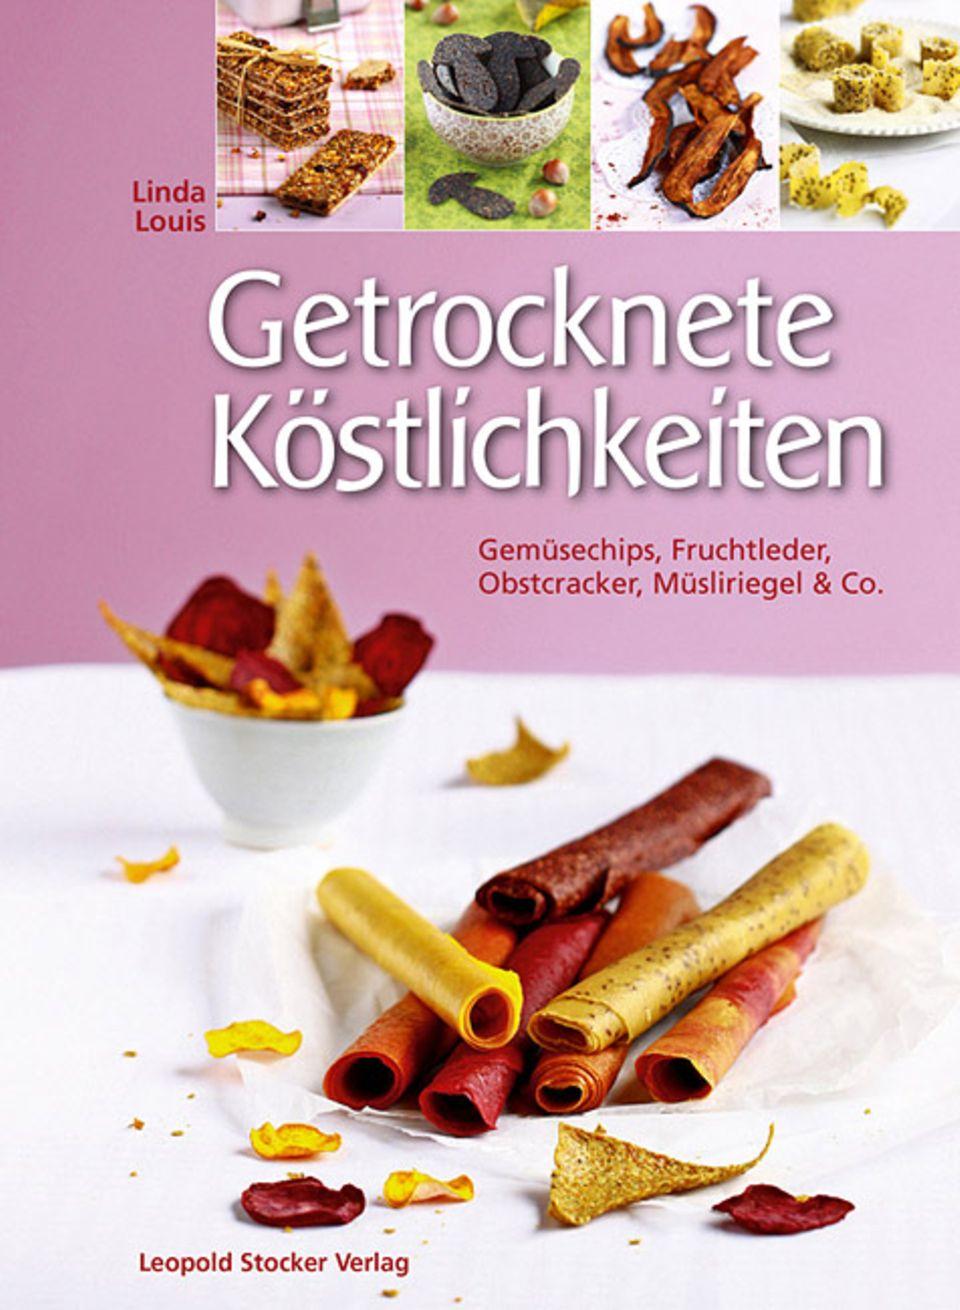 """Vegetarische Küche: Linda Louis: """"Getrocknete Köstlichkeiten"""" im Leopold Stocker Verlag GmbH, 12,95 Euro"""